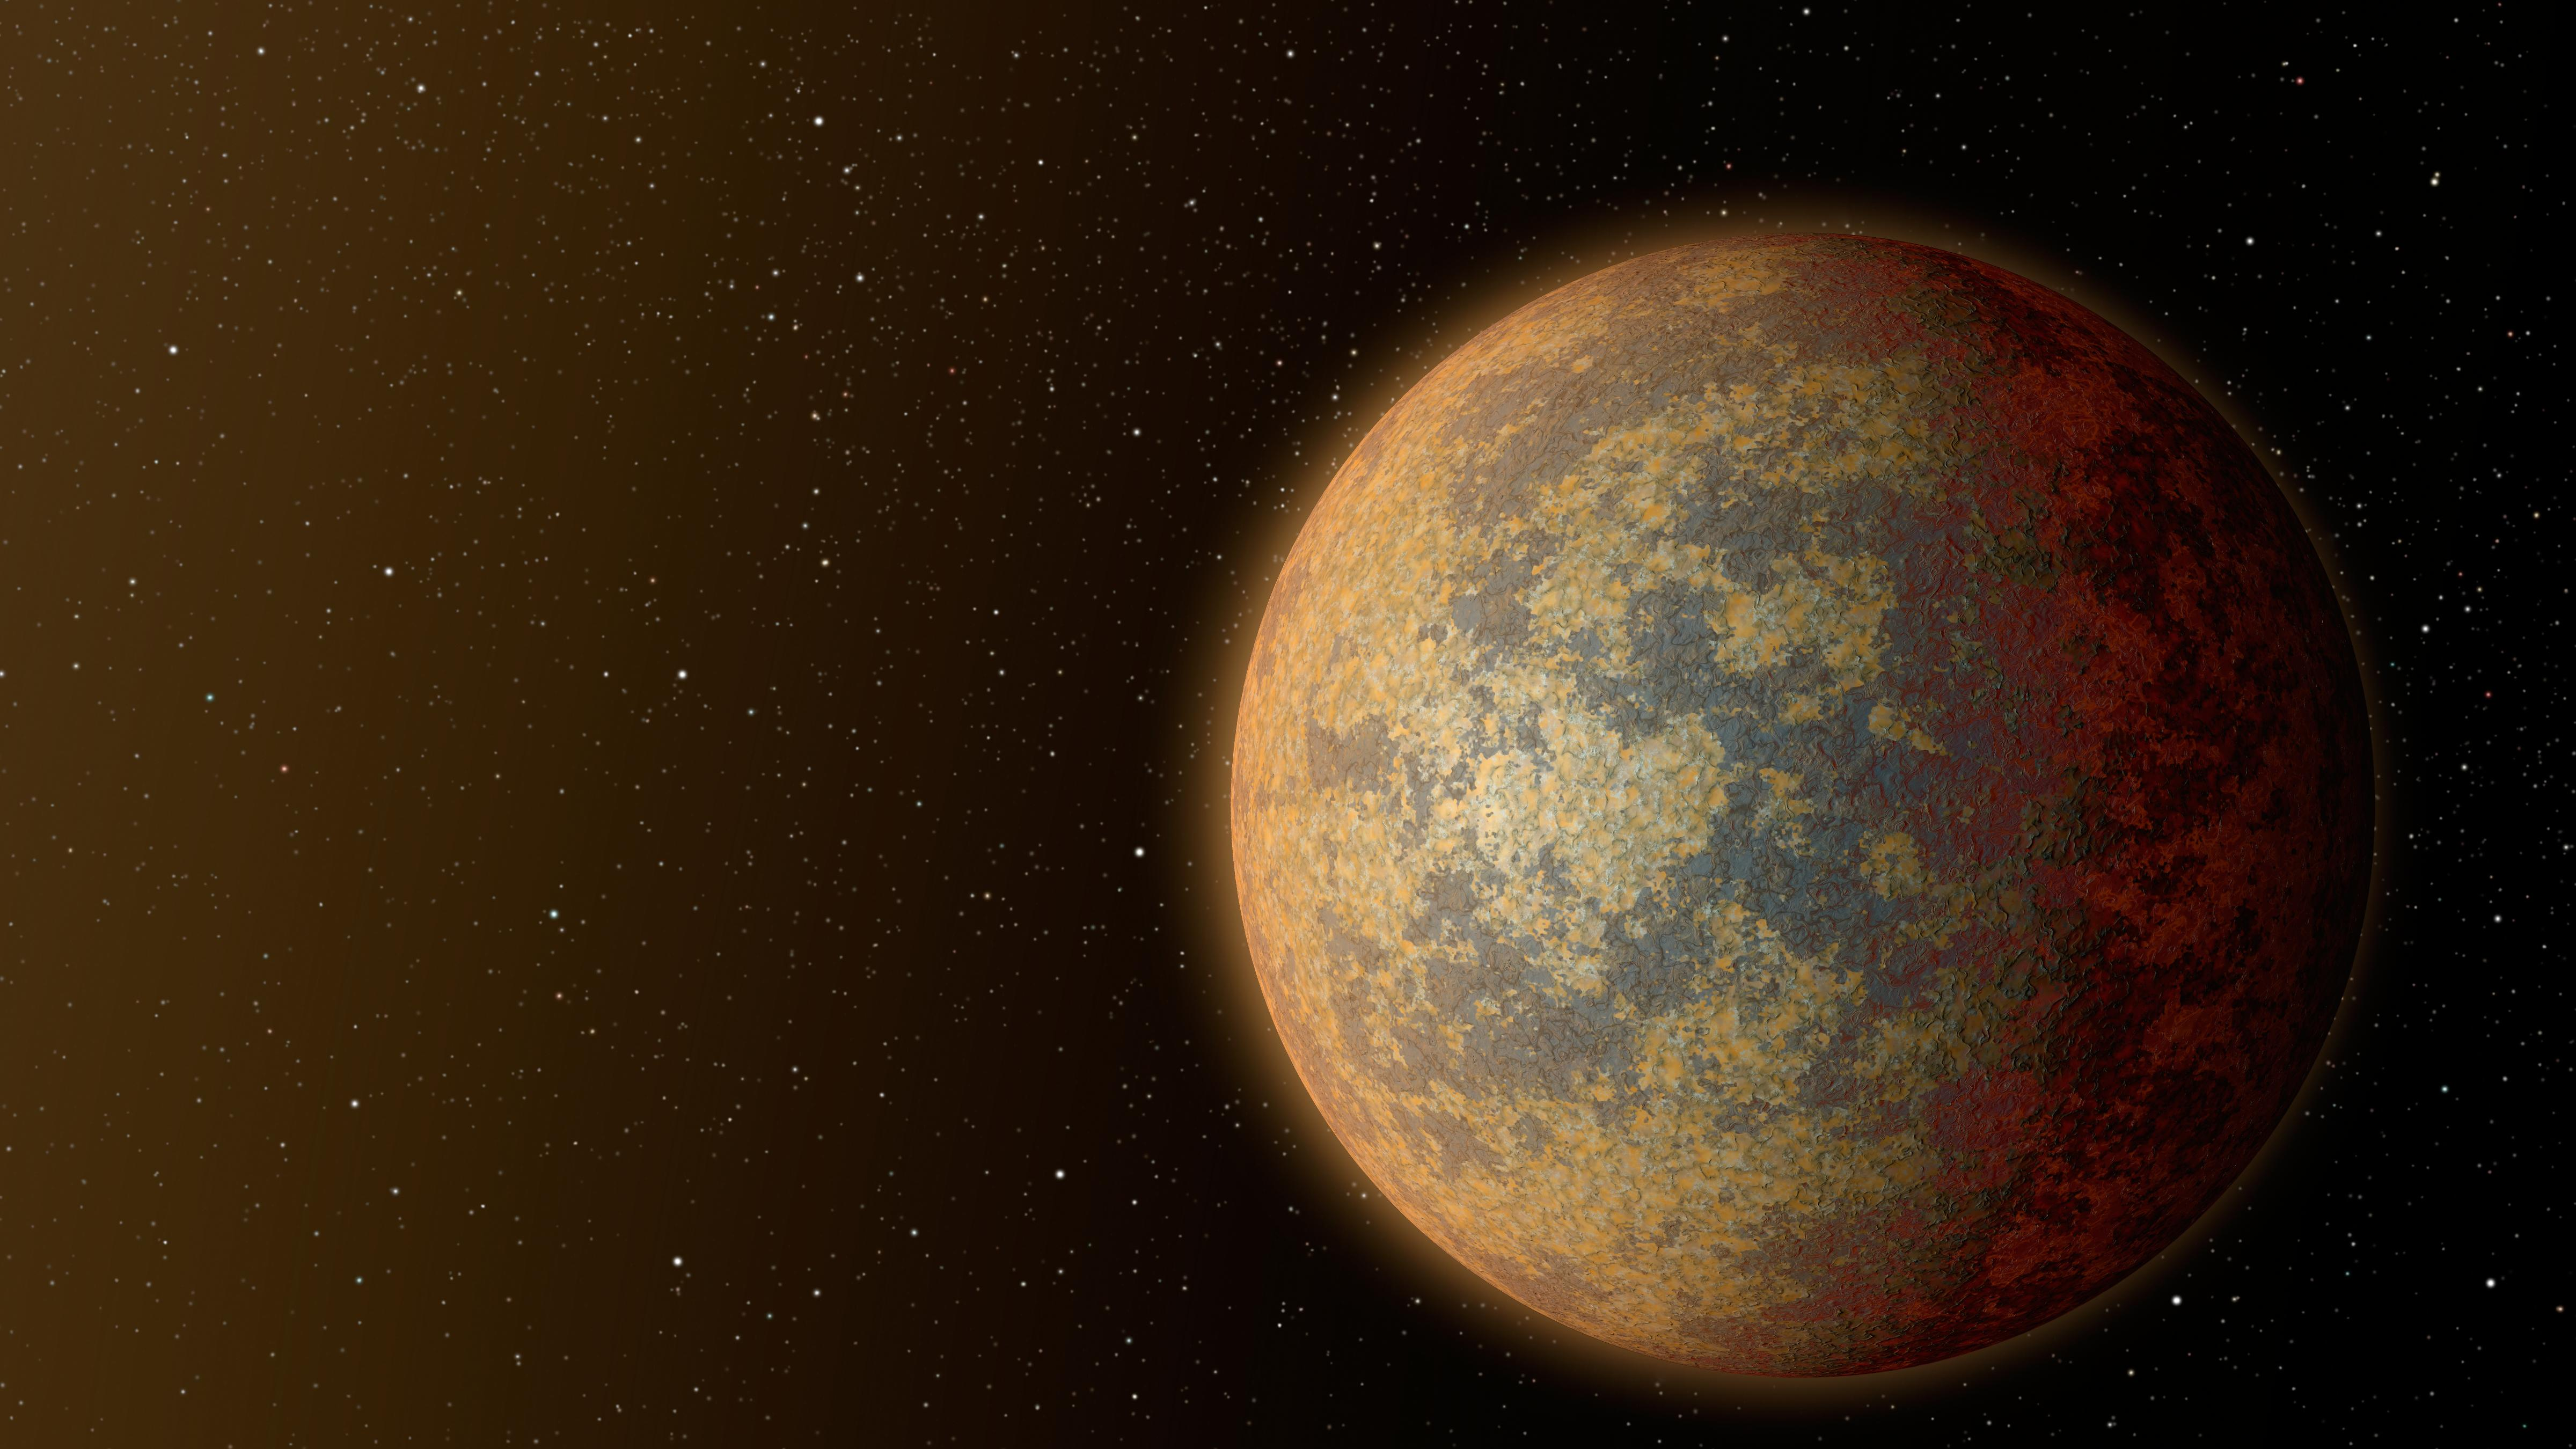 Ein Exoplanet im Weltall.